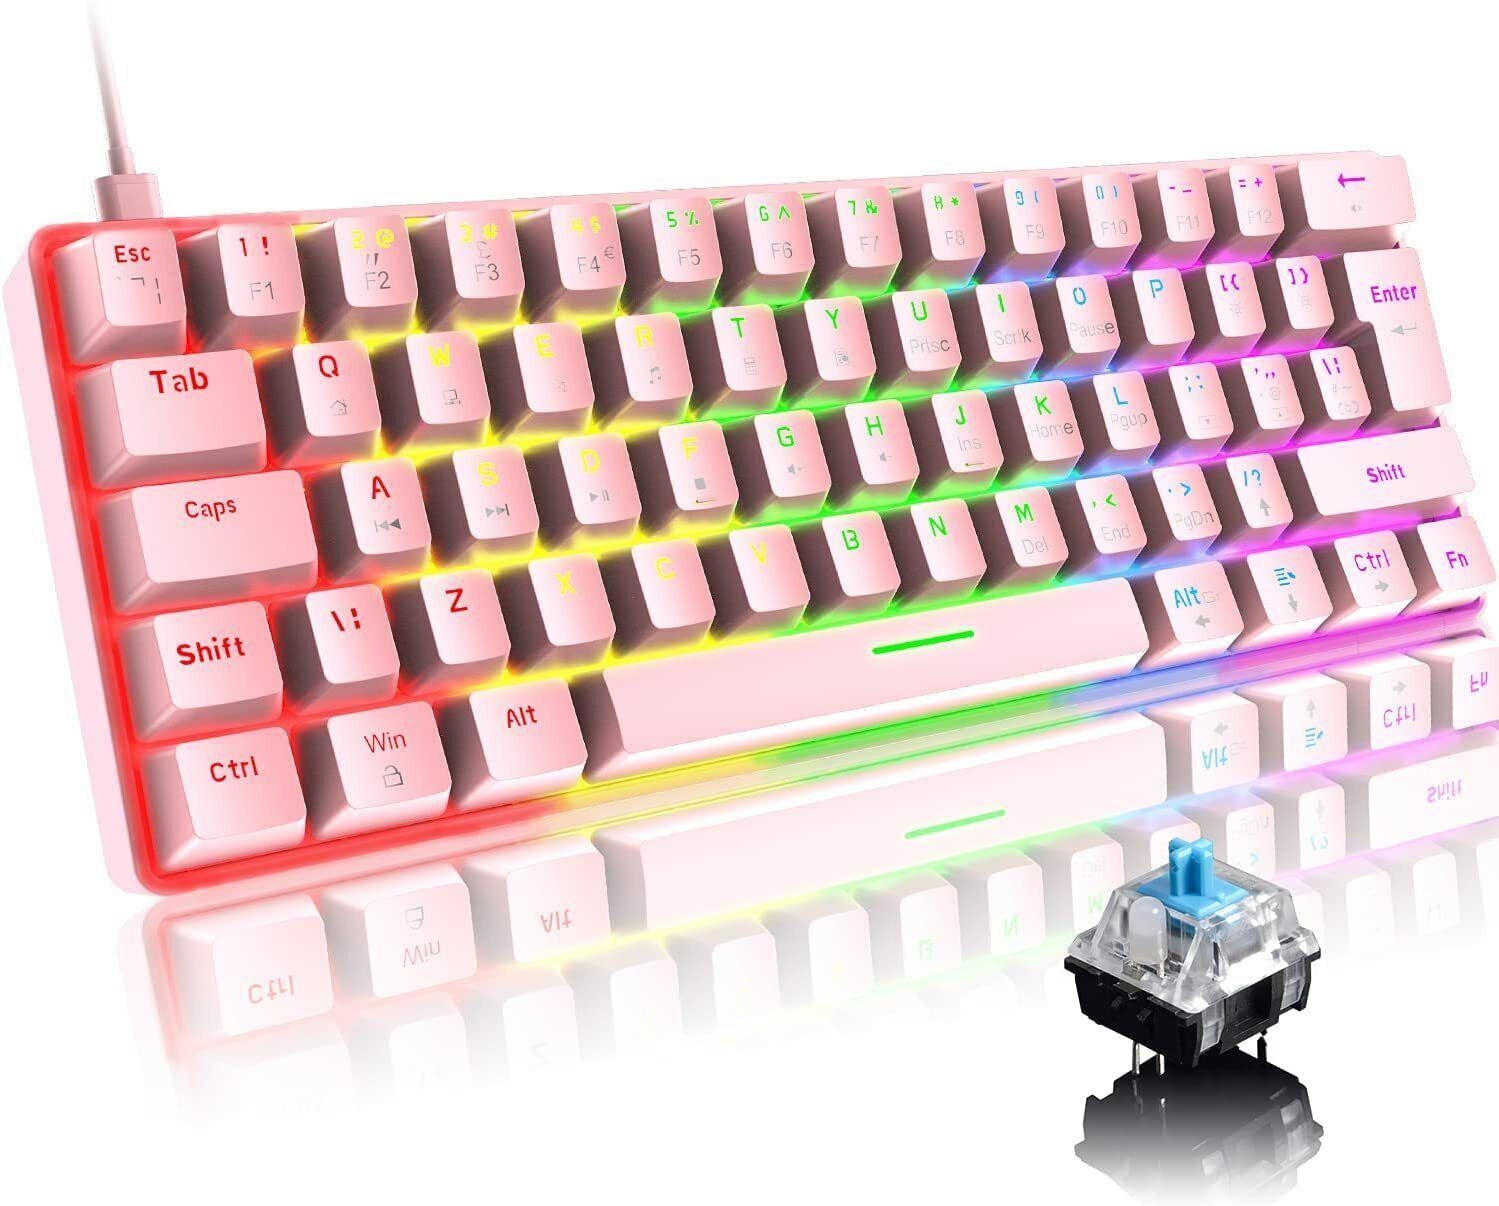 UK Layout Wired 60% True Mechanical Gaming Keyboard RGB Chroma LED Backlit USB-C